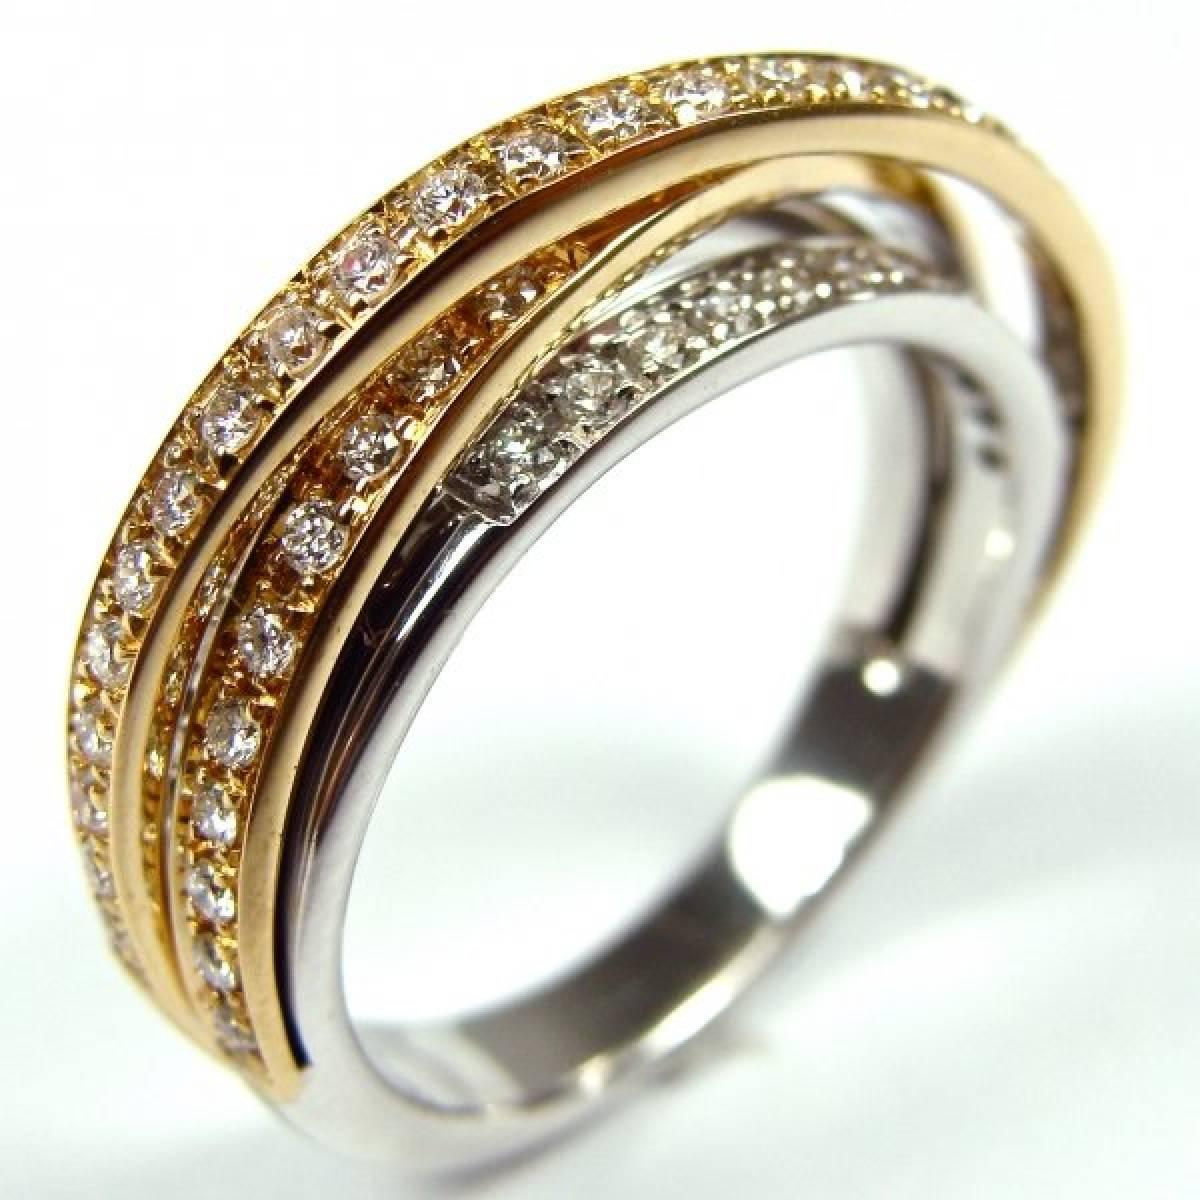 Anel de Noivado Bicolor de 19,2 kts, com Diamantes ou Zircónias